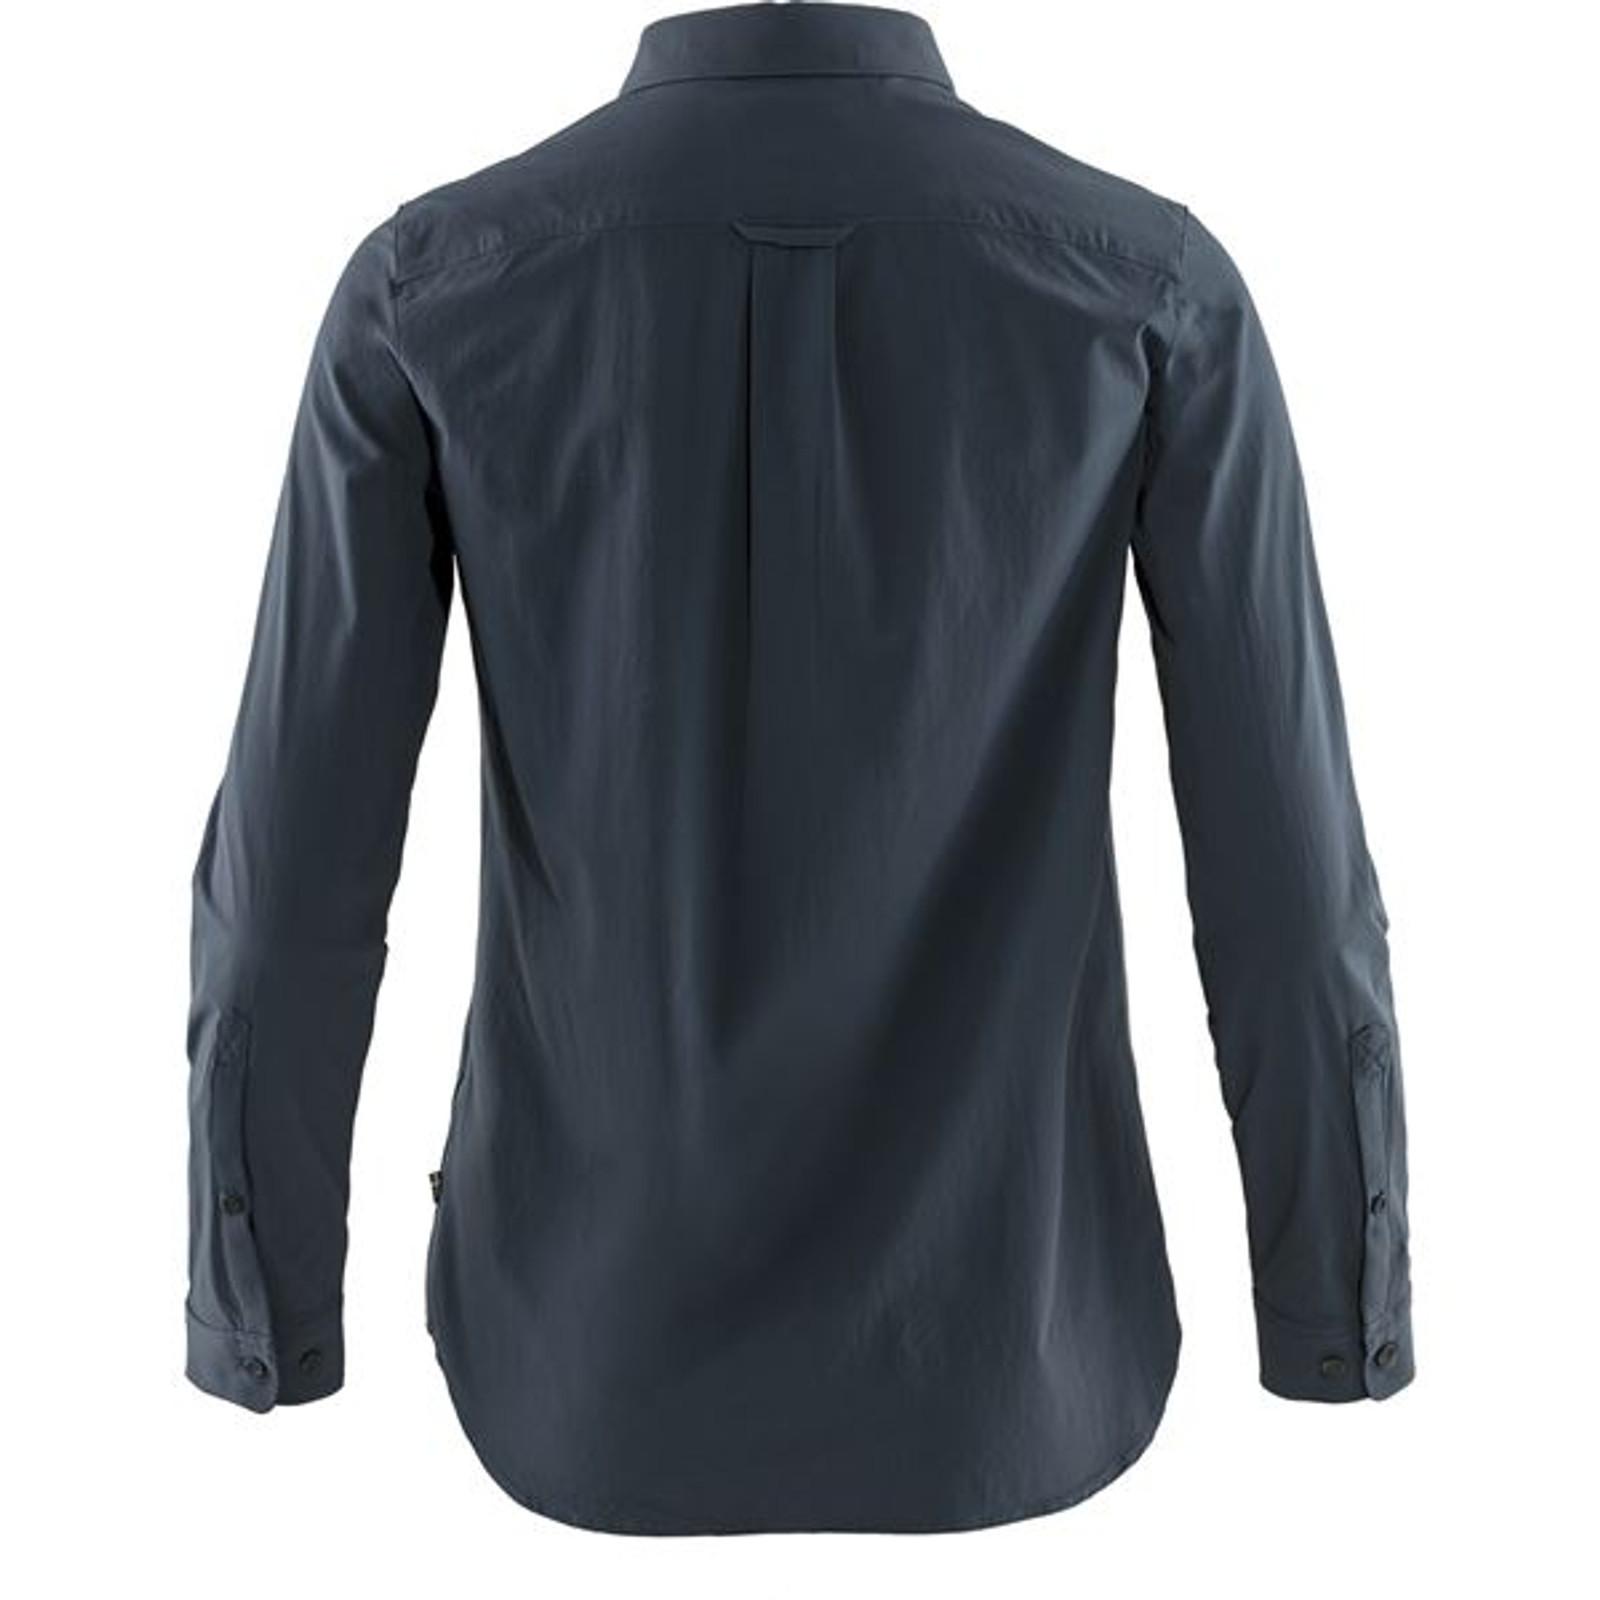 Fjällräven Övik Lite Shirt, Women's, Navy - F89980-560 (F89980-560) back